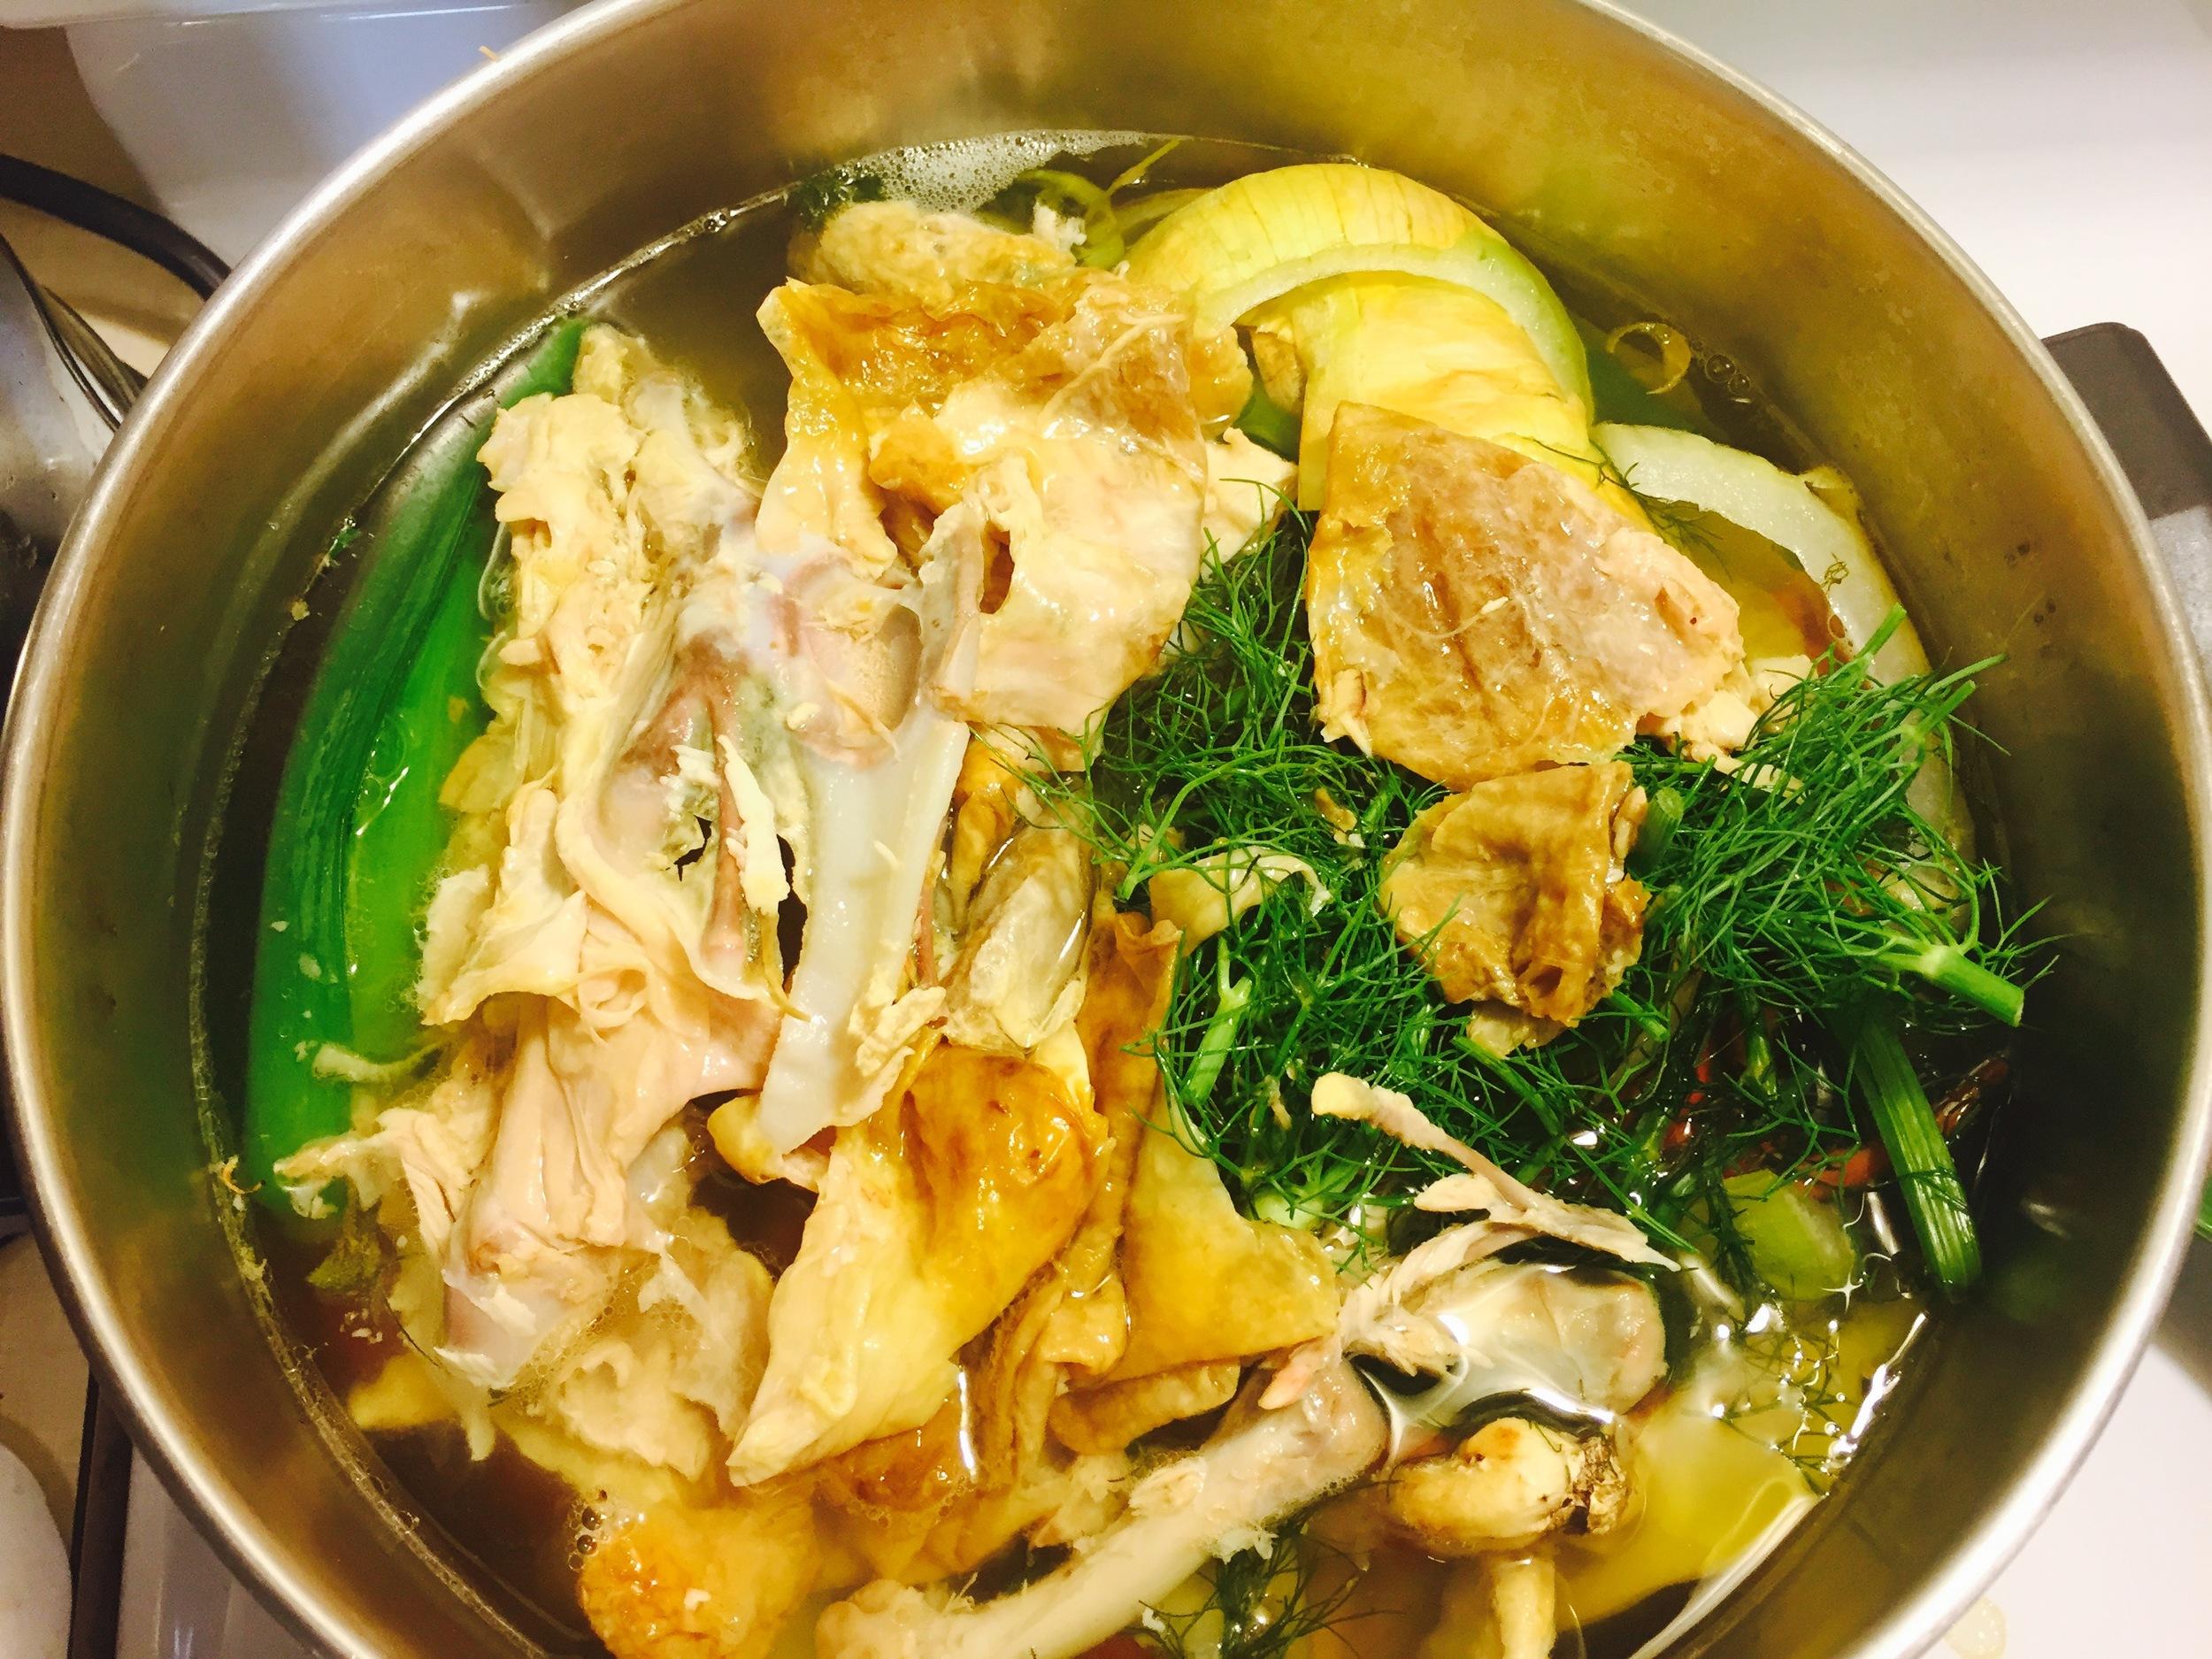 Homemade chicken or veggie stock